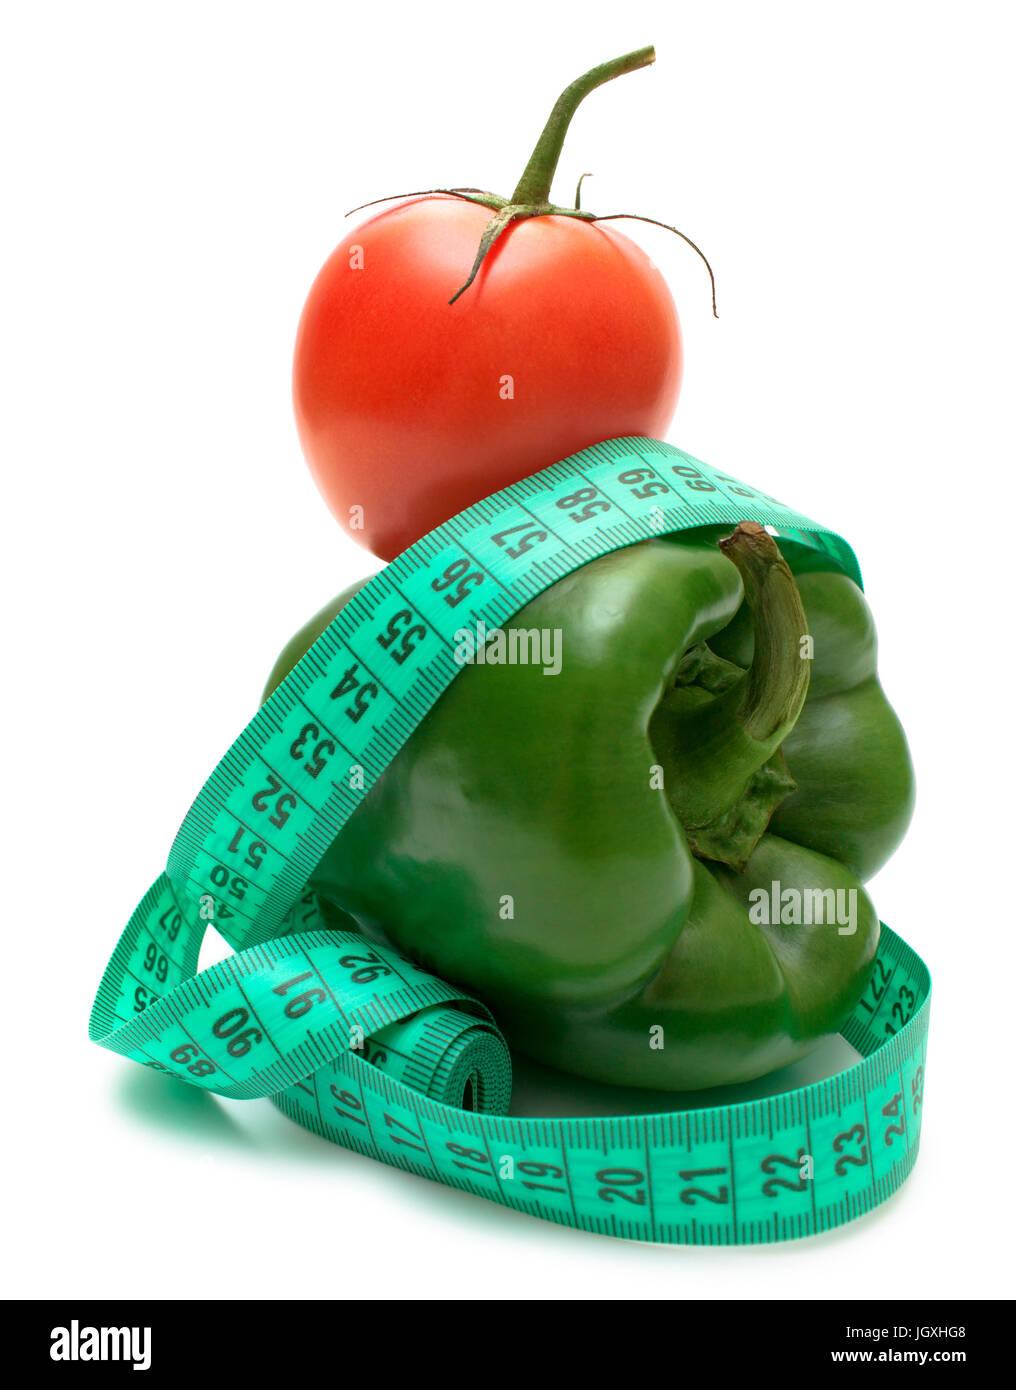 Ideale Ernährung paar grüne Paprika (Bulgarisch) und Tomaten isoliert auf weiss. Stockbild